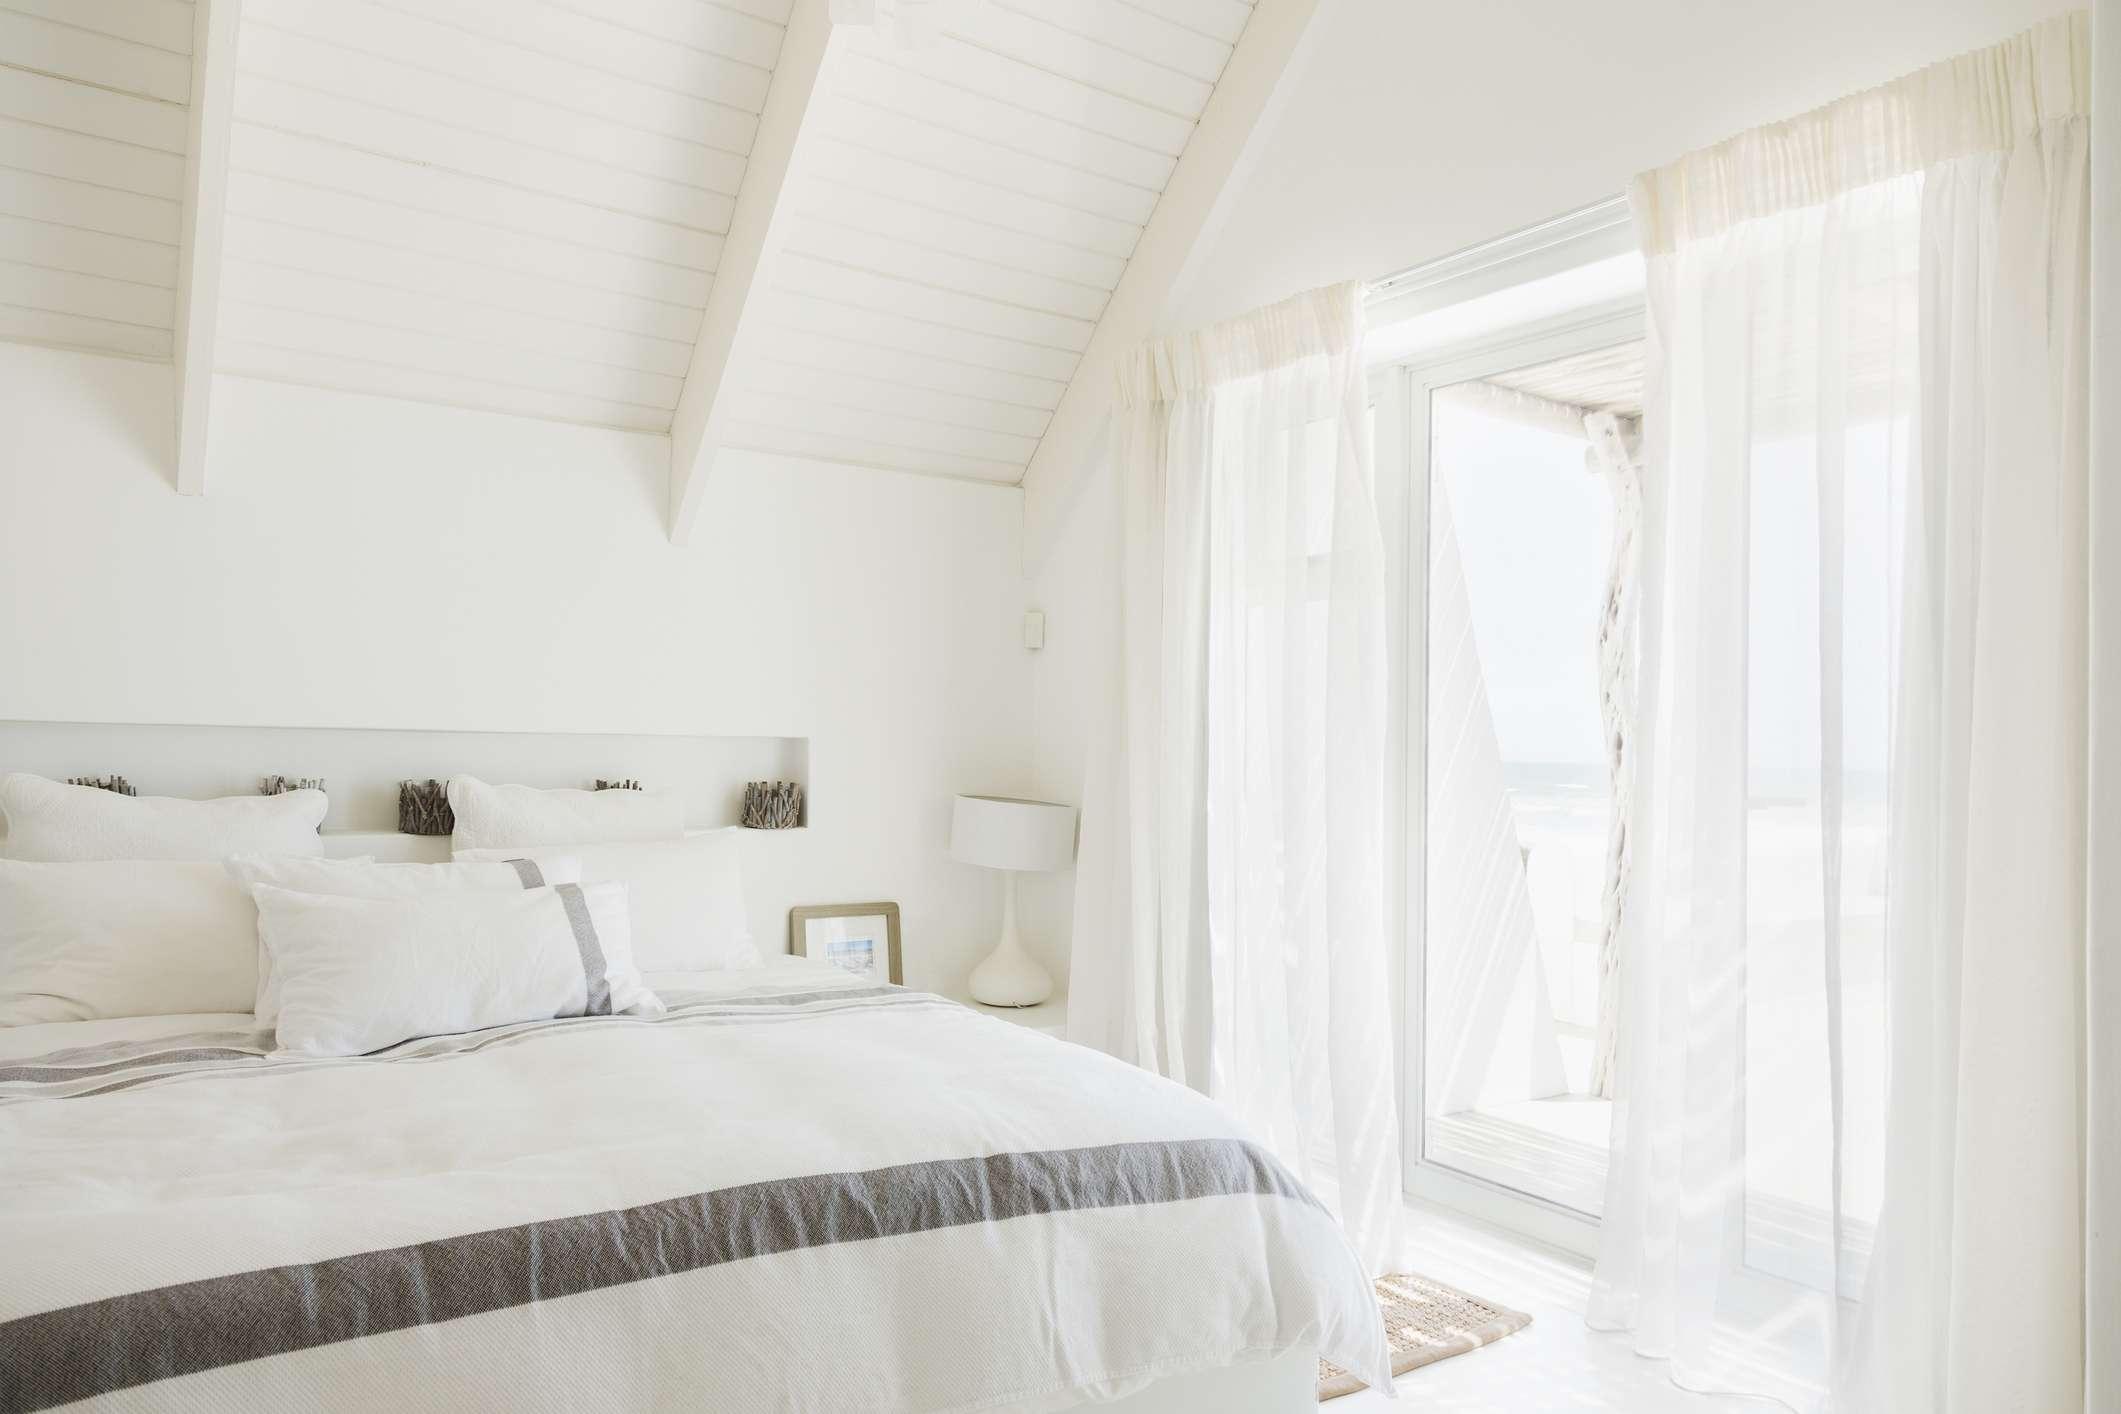 Habitación blanca y ventilada